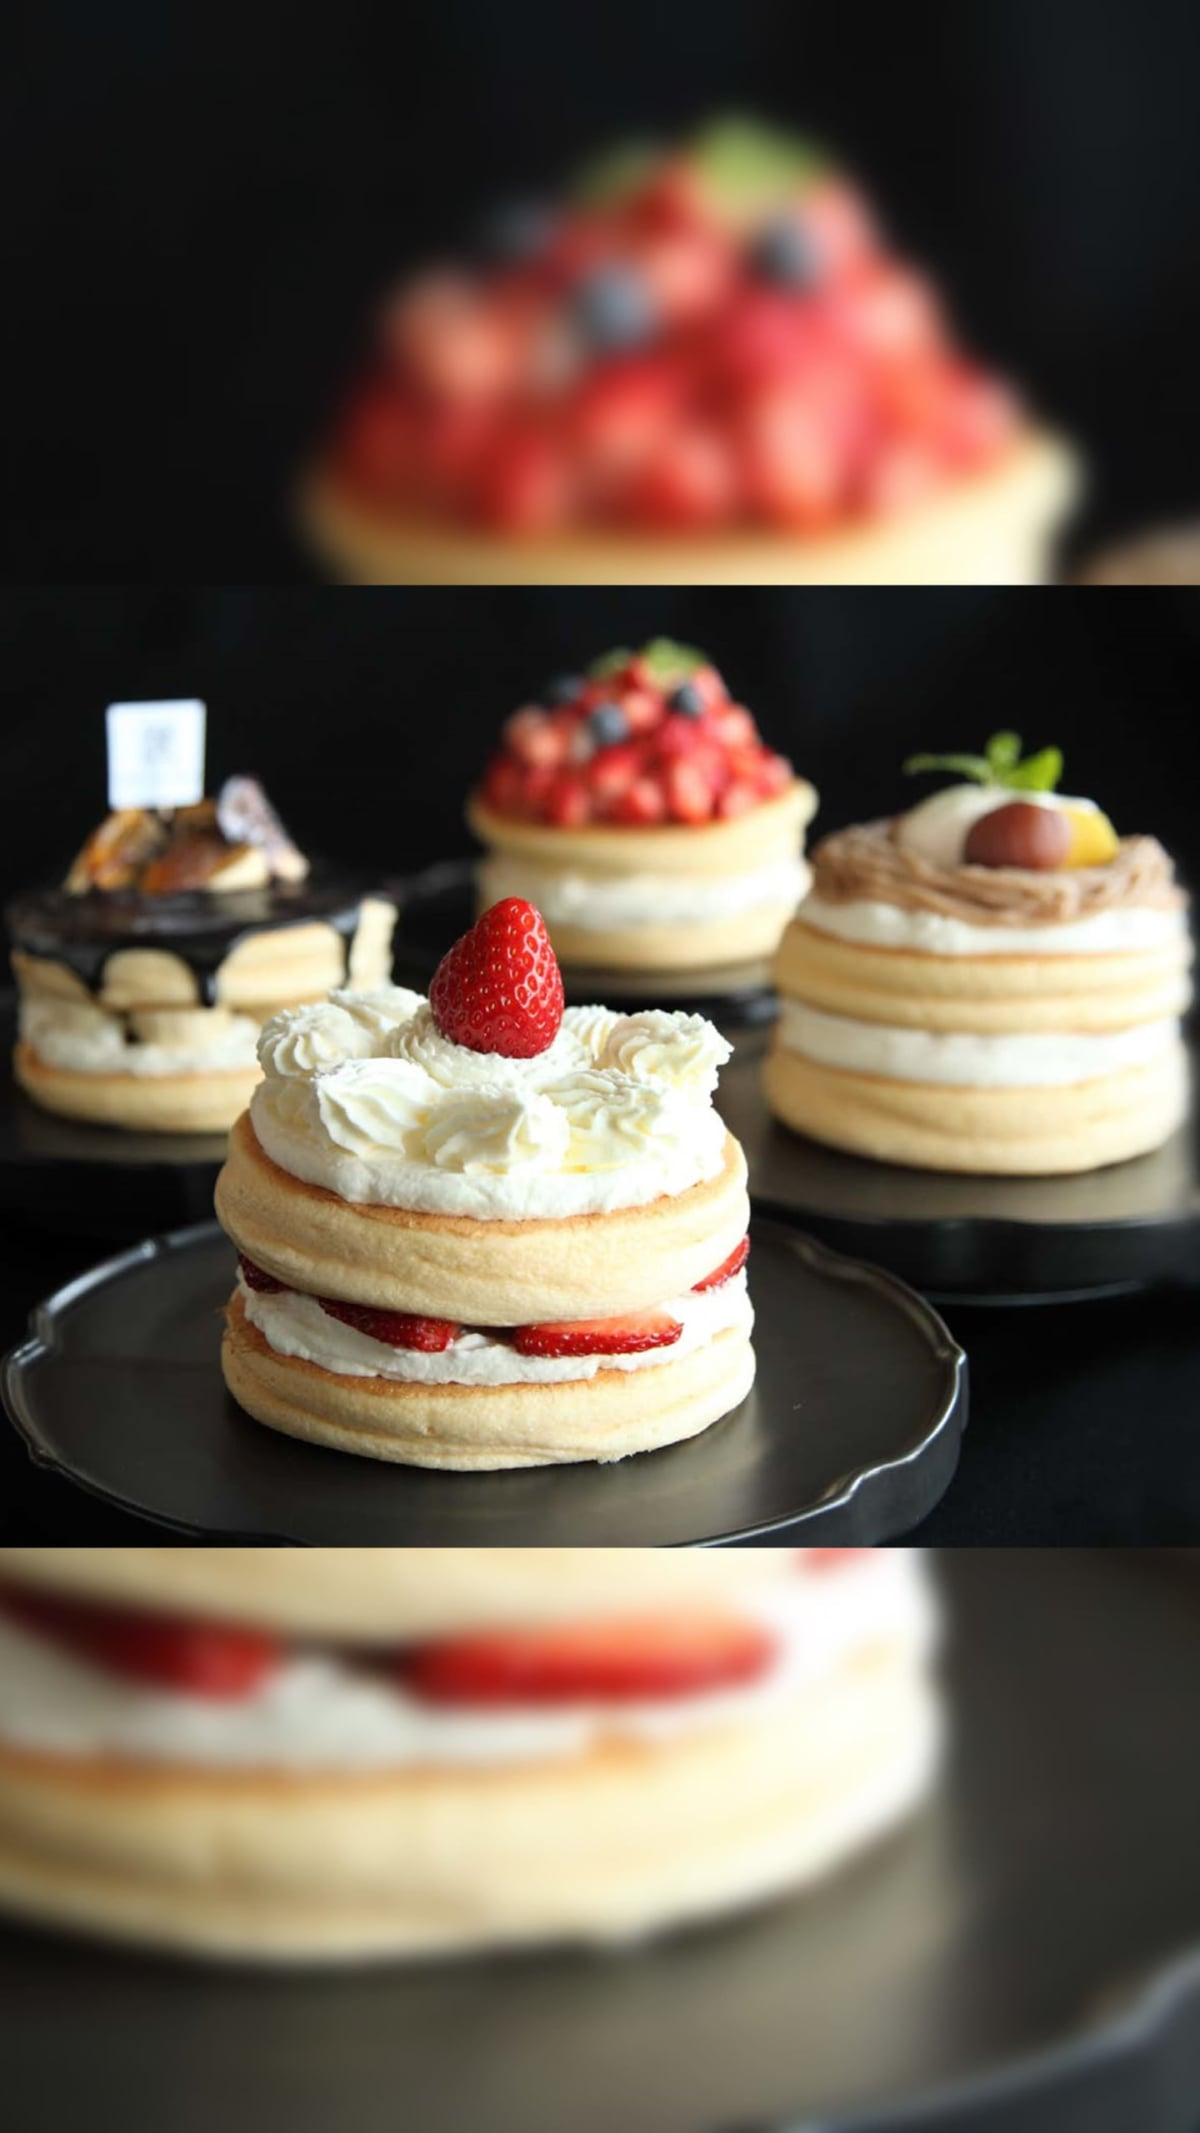 神泉・渋谷でおすすめのホットケーキのお店「椿サロン渋谷」